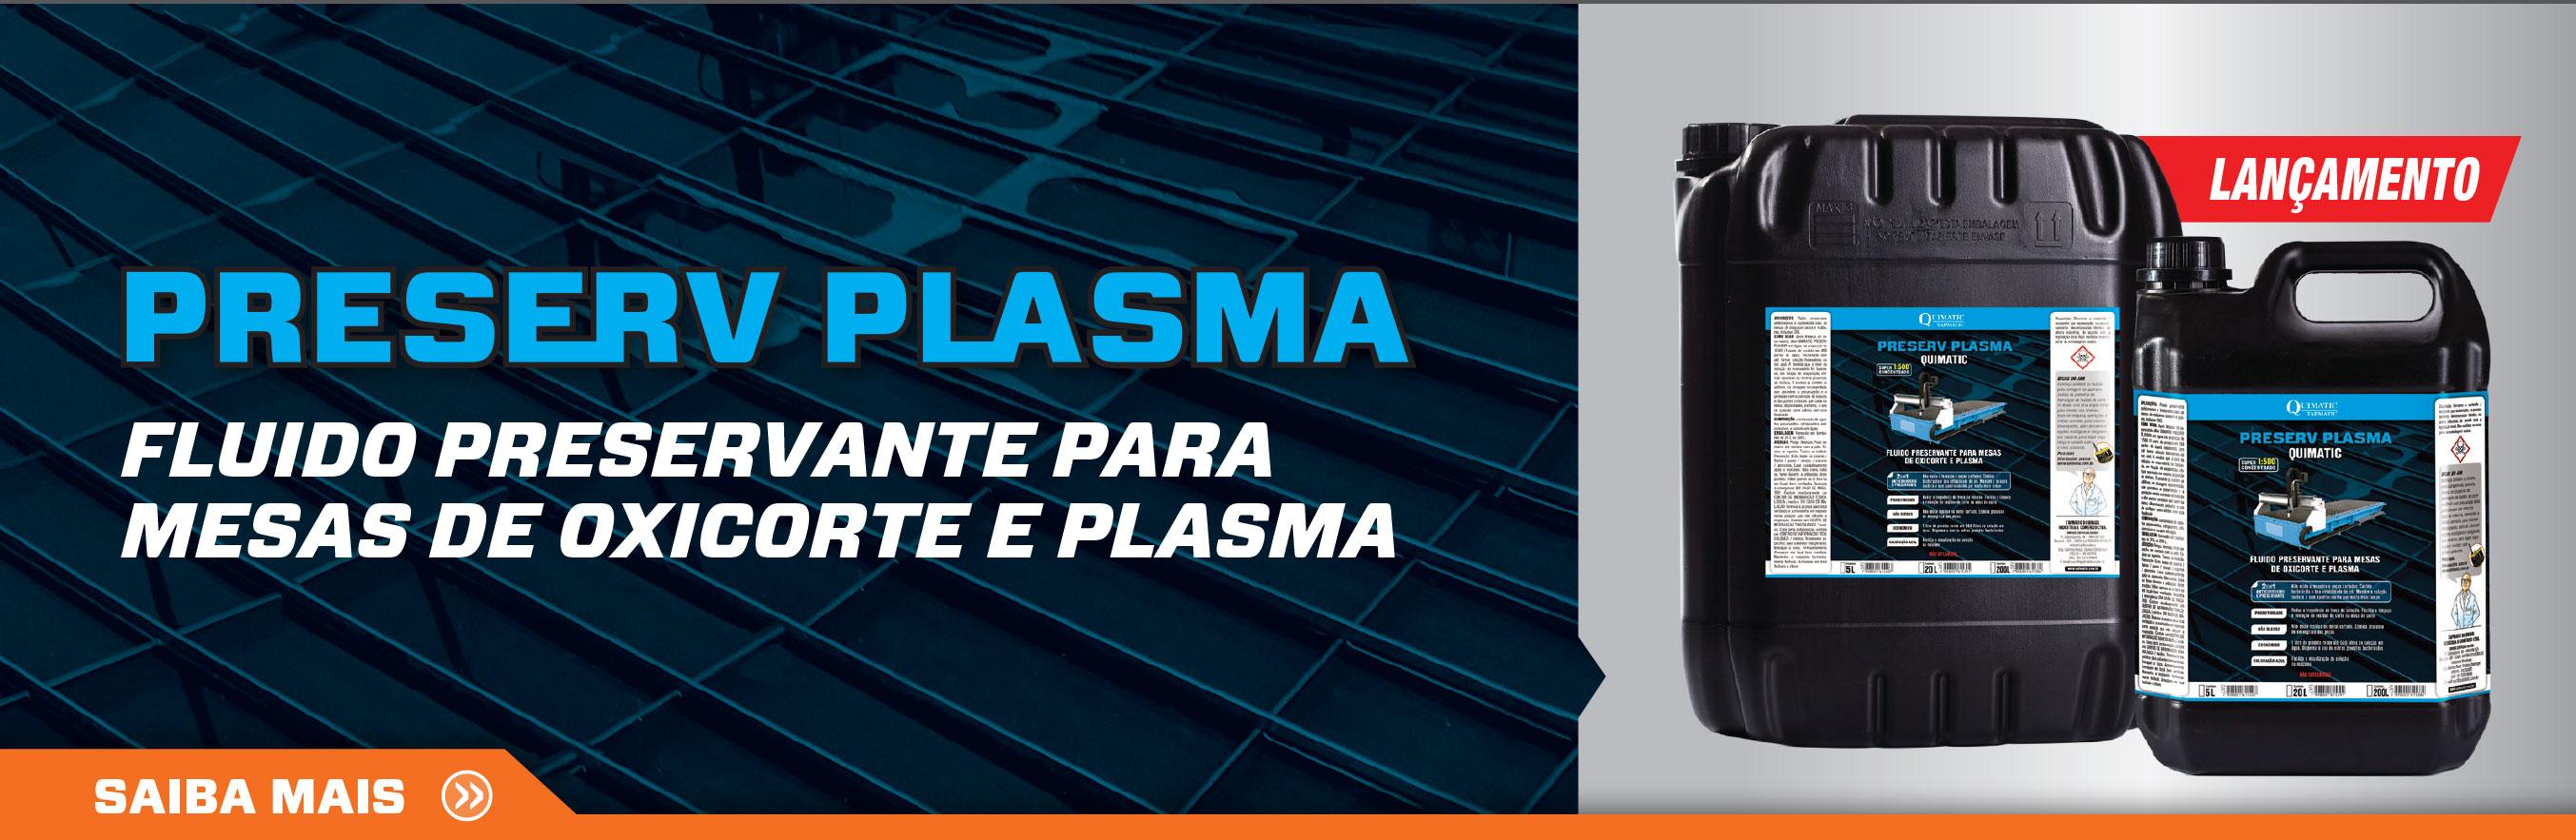 6ff0df5e5 Conheça o Preserv Plasma, lançamento que garante mais proteção e eficácia a  máquinas de plasma e oxicorte